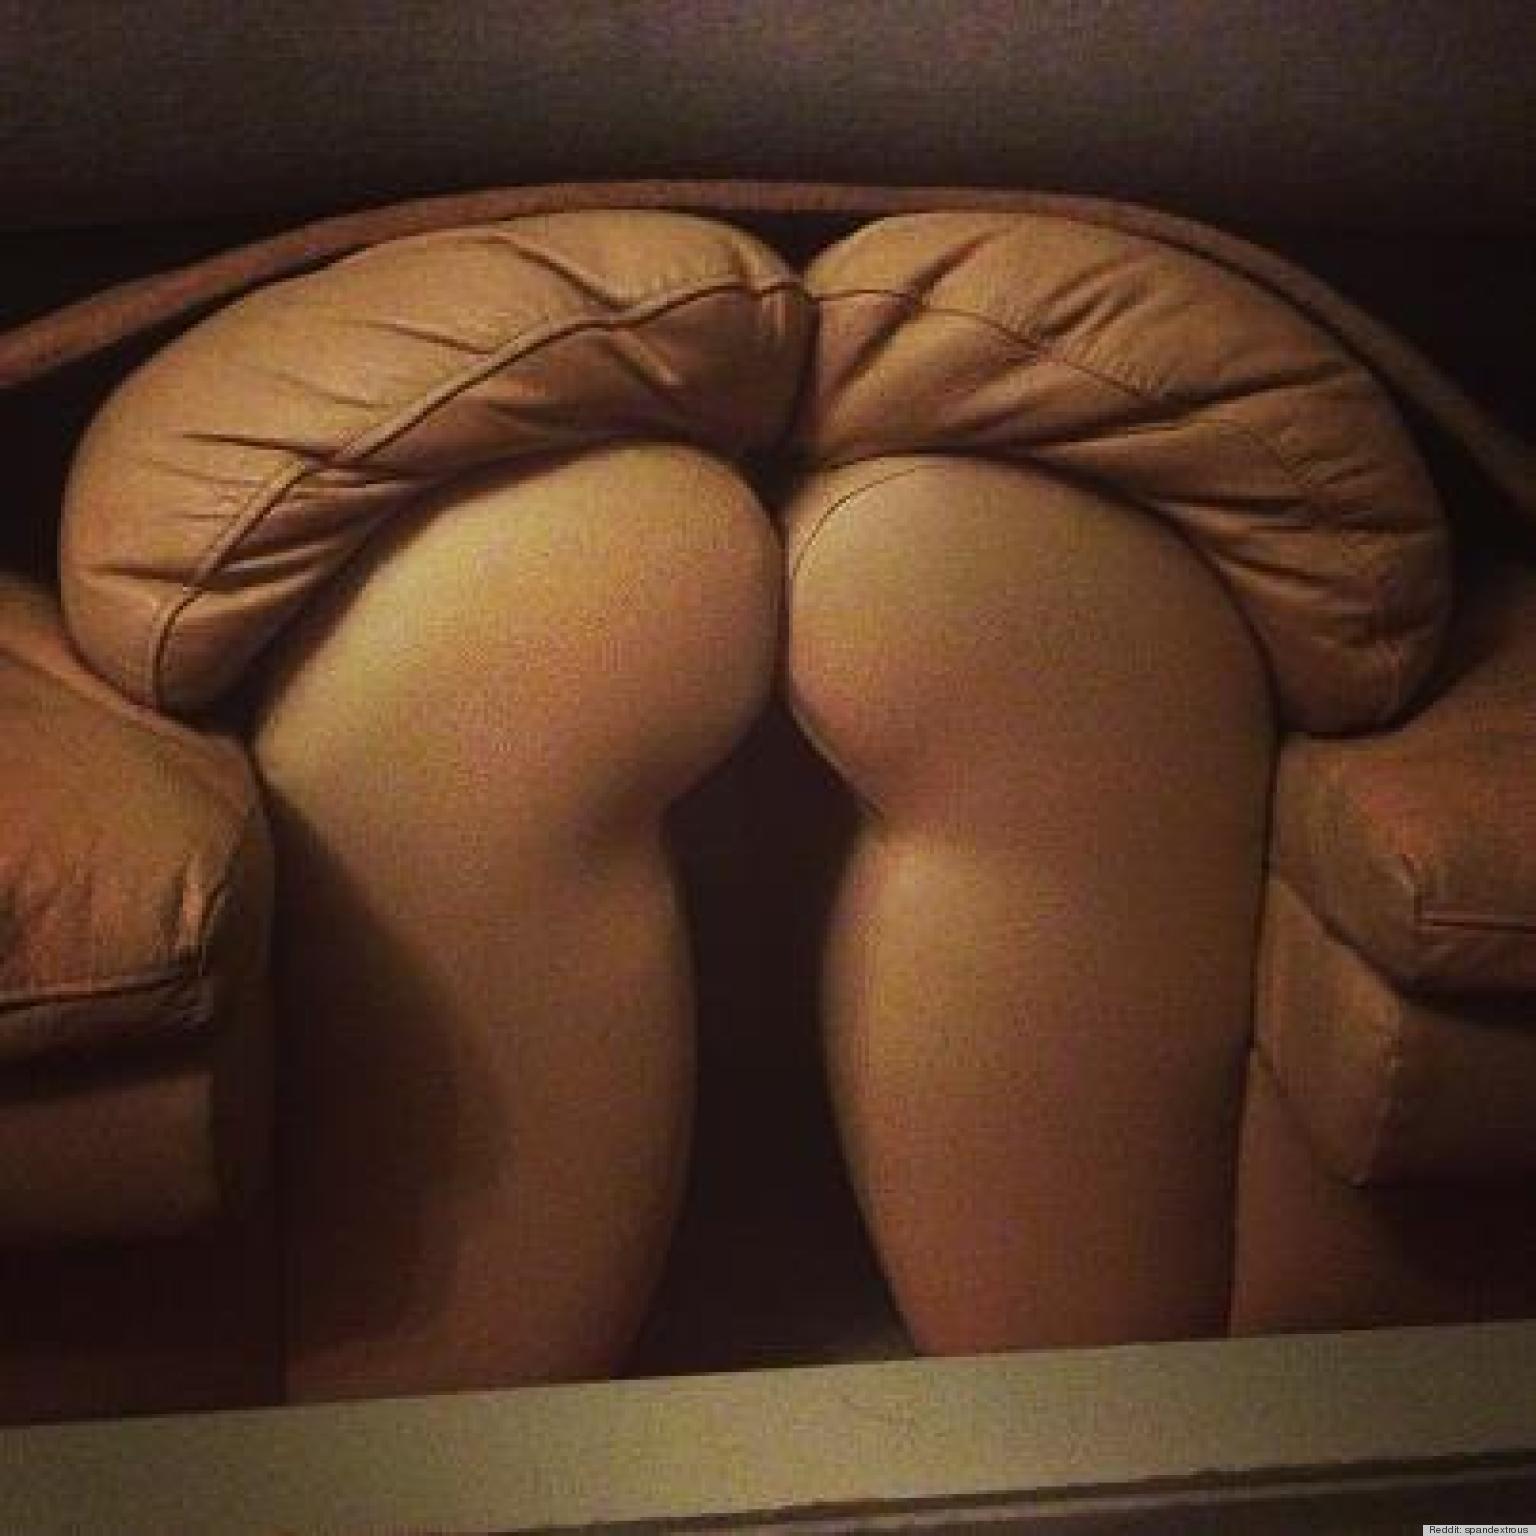 sofa porn